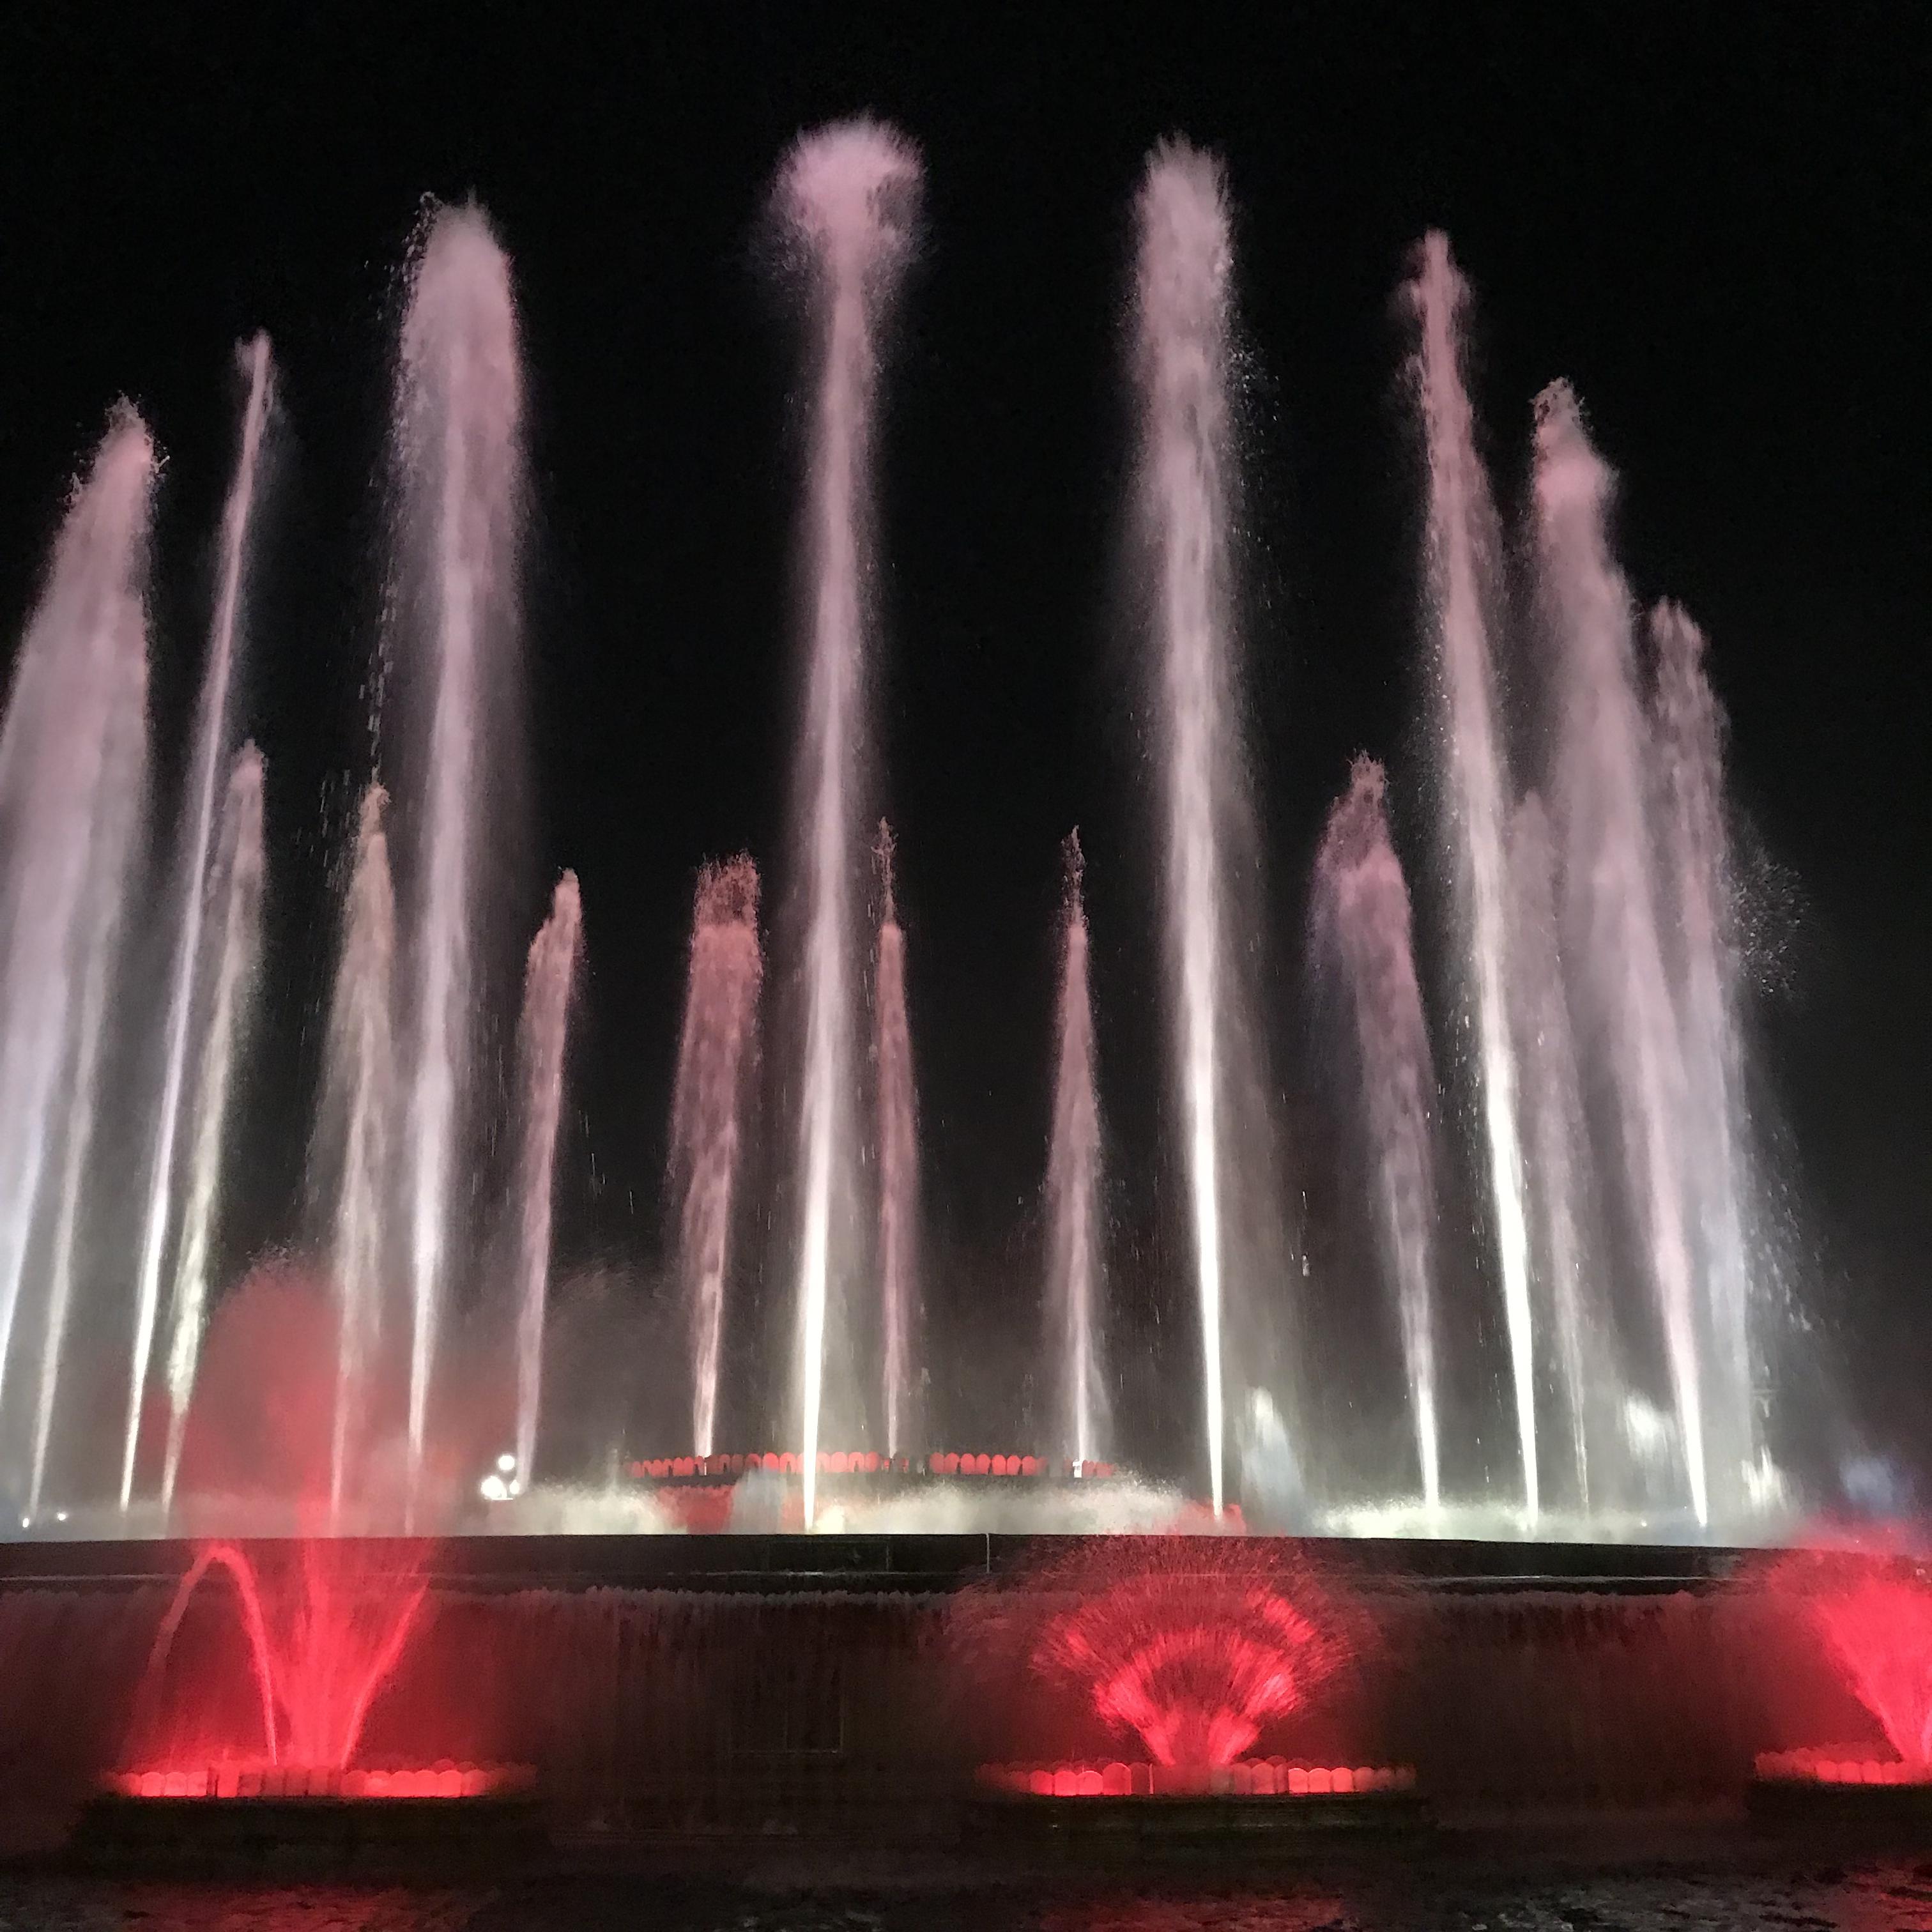 バルセロナ旅行記 マジカの噴水ショー